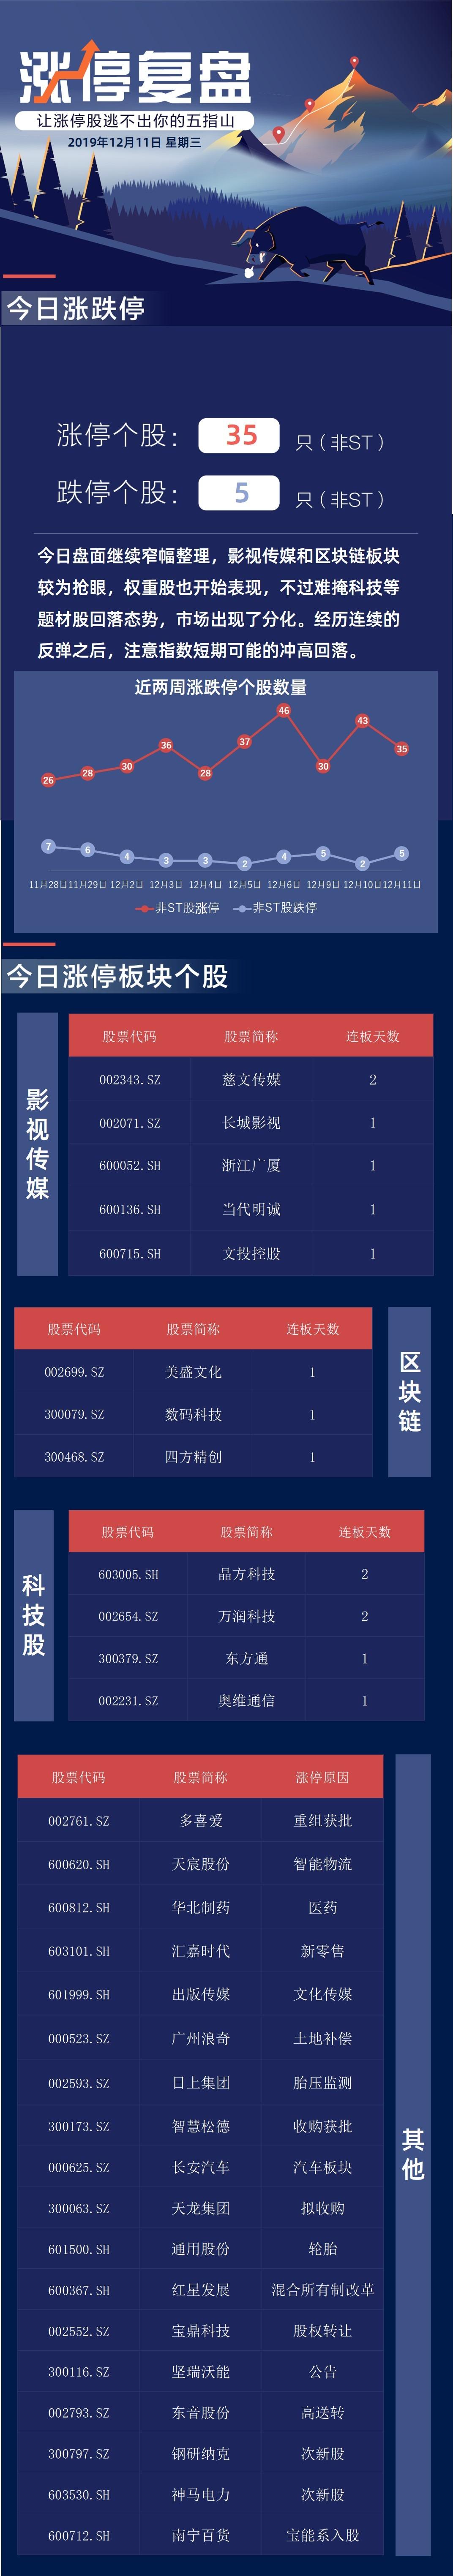 绿城中国:10月销售194亿均价同比上升逾2000元/平